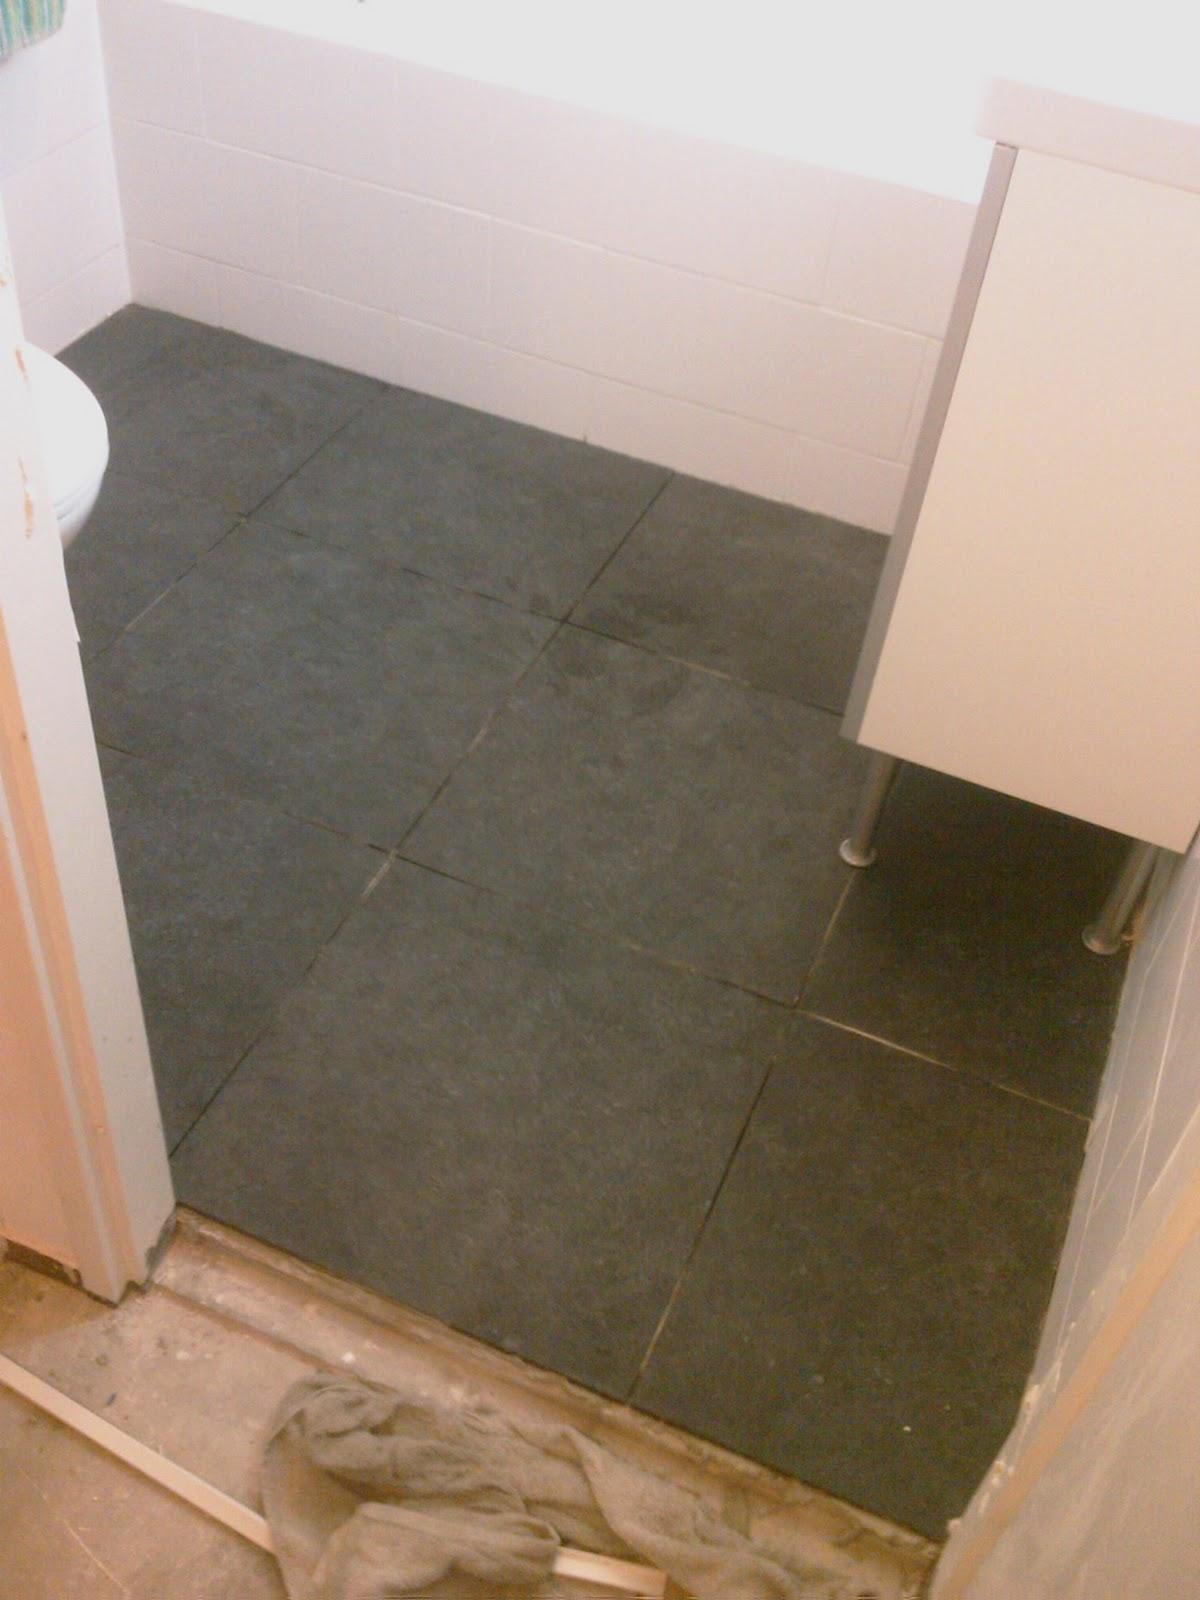 Zelf een badkamer maken - Badkamer vloer ...